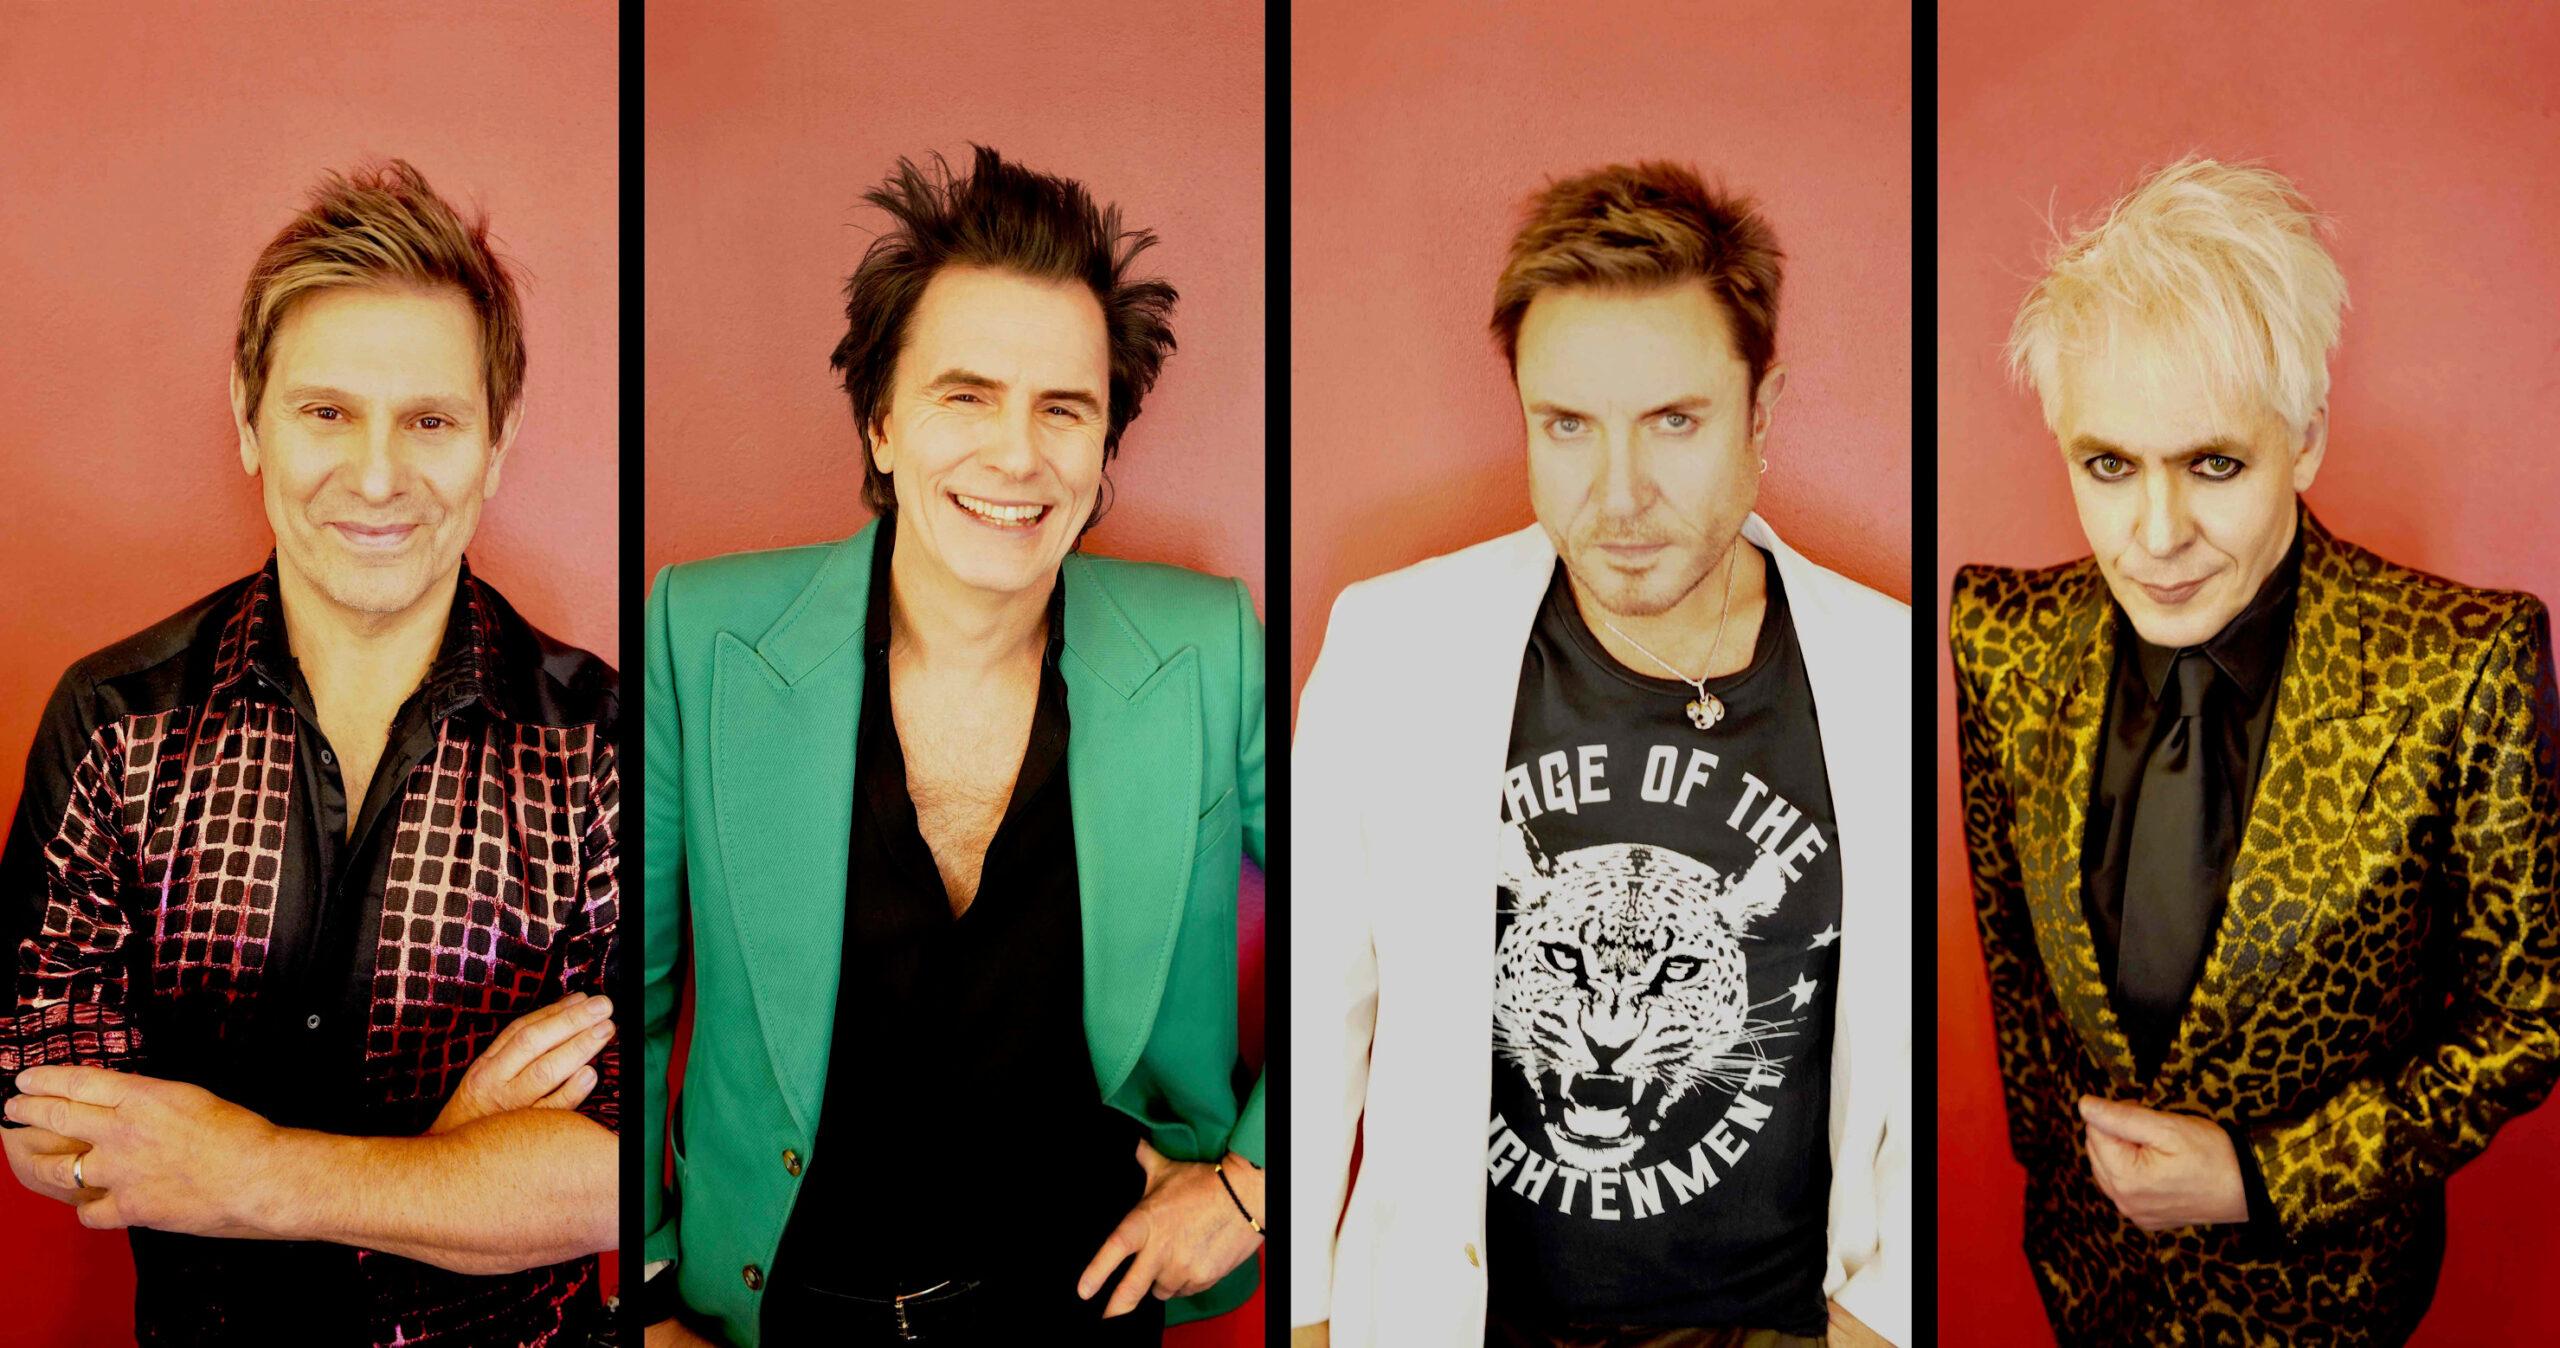 """Duran Duran estrenó el videoclip del tema """"Five years"""" en homenaje a David Bowie"""